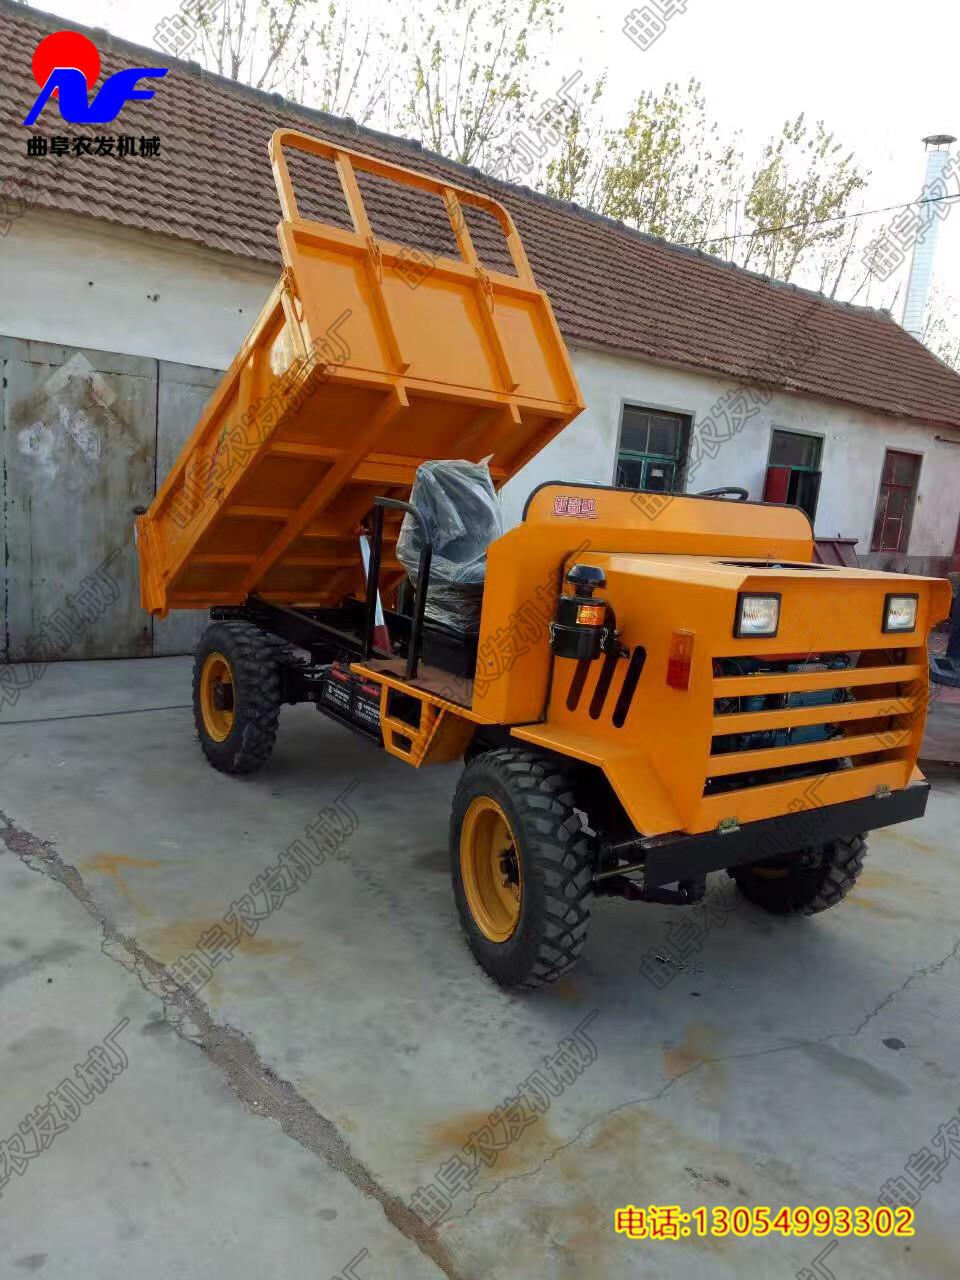 2017款农发牌四驱工程运输车 可拉3吨的四不像爬山运输车